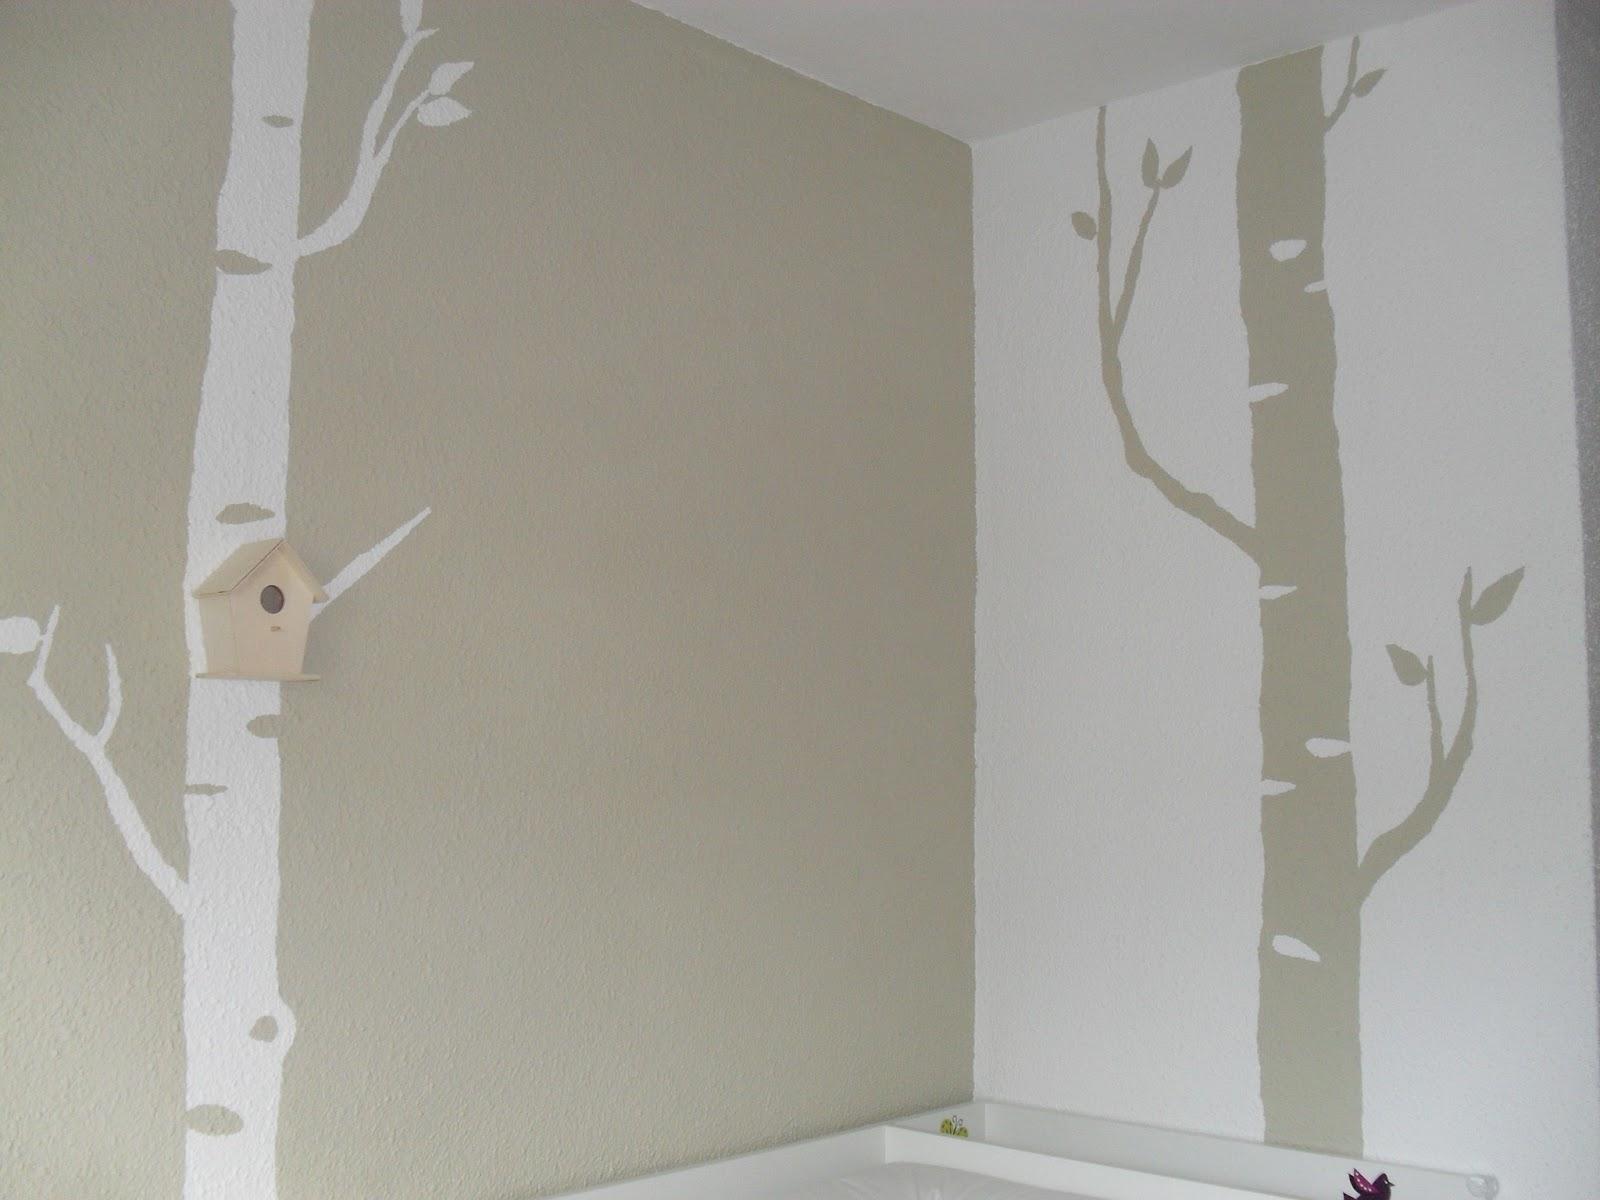 Kuckuck kuckuck ruft s aus dem wald mausmacherart for Wand 2 farbig streichen